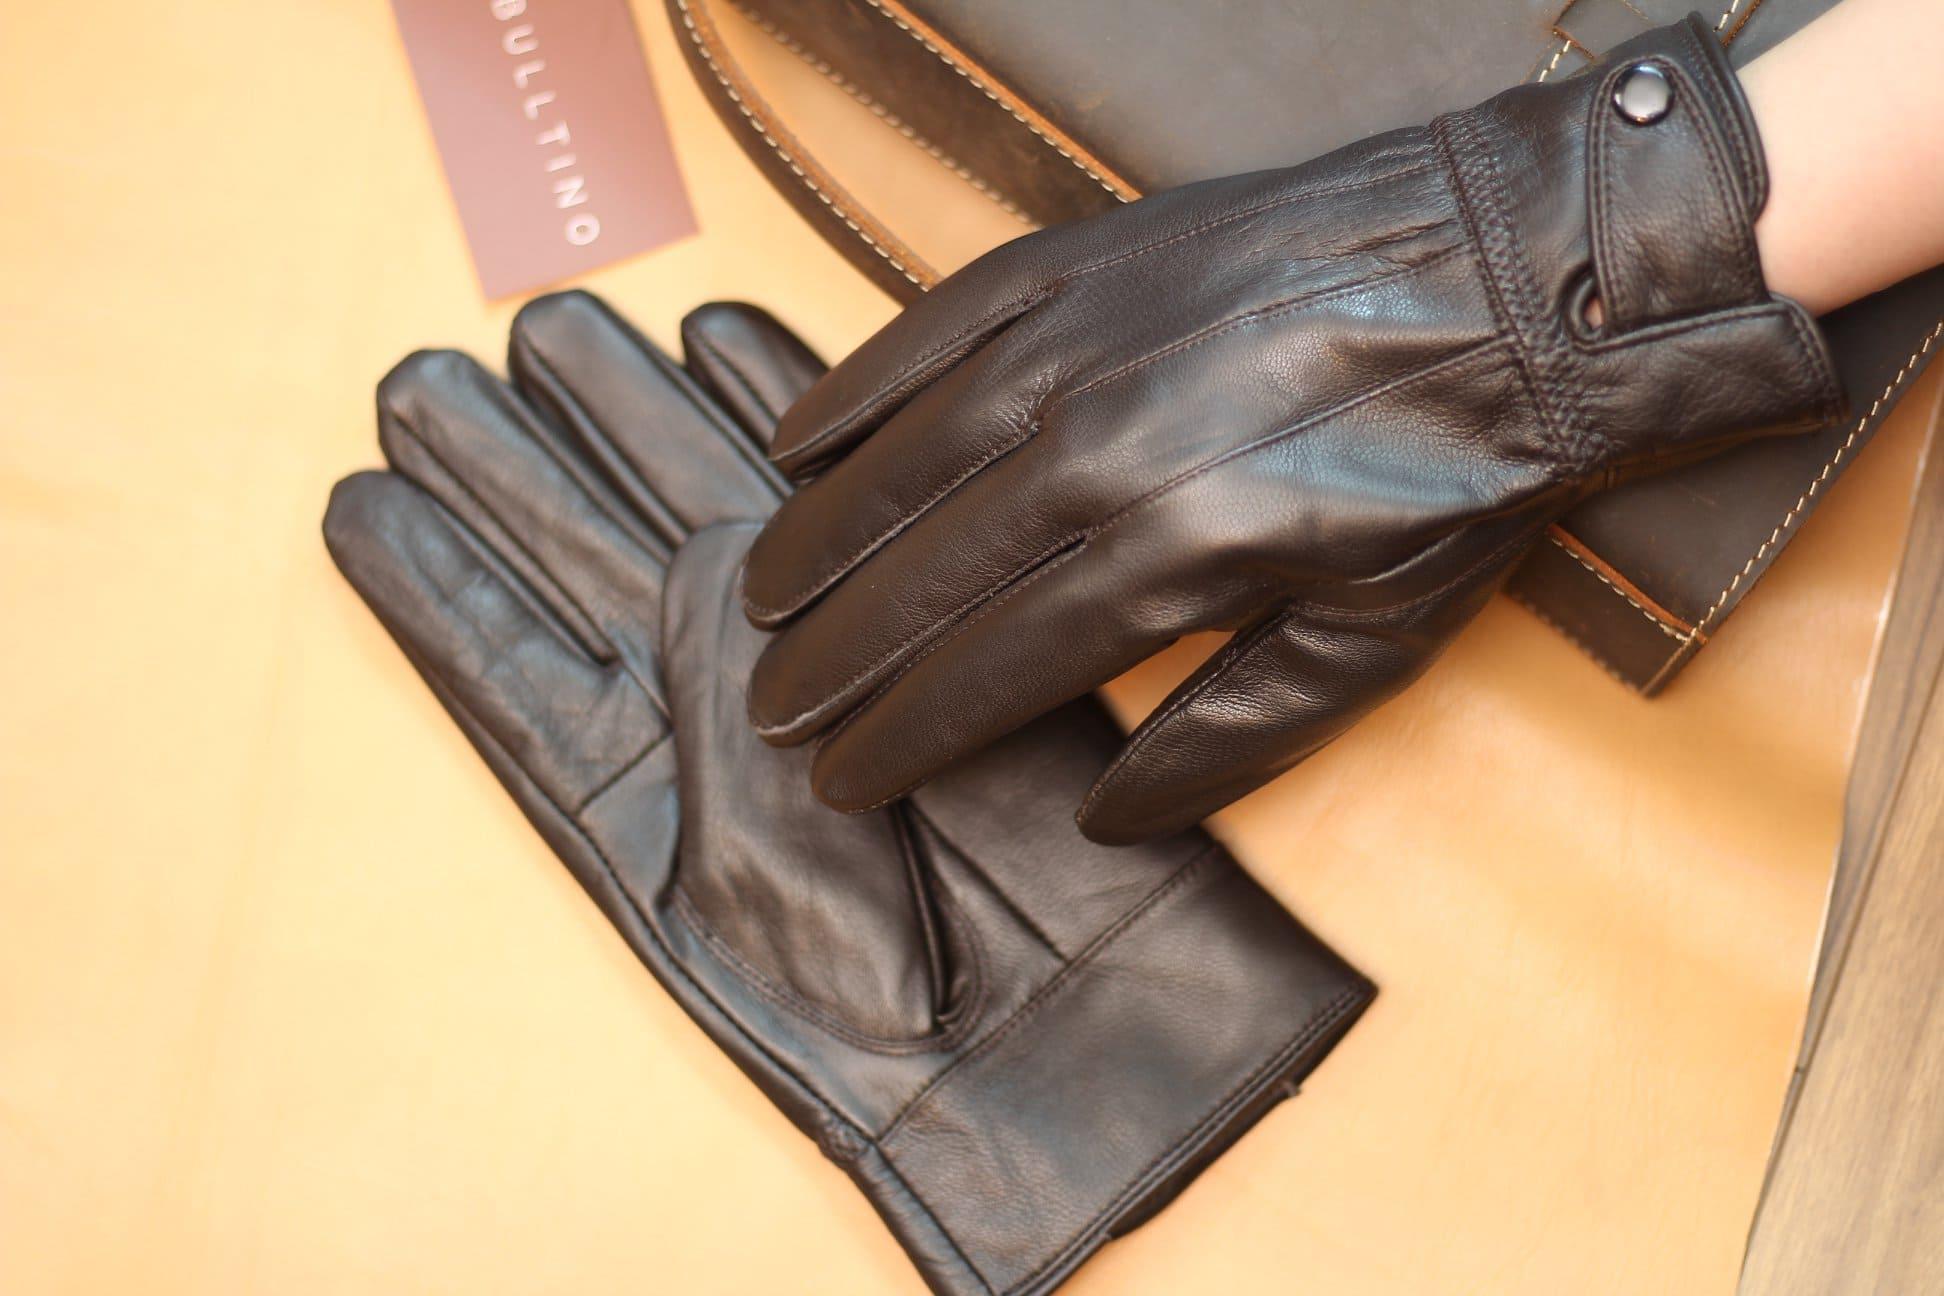 Phân biệt găng tay da cừu thật và găng tay công nghiệp